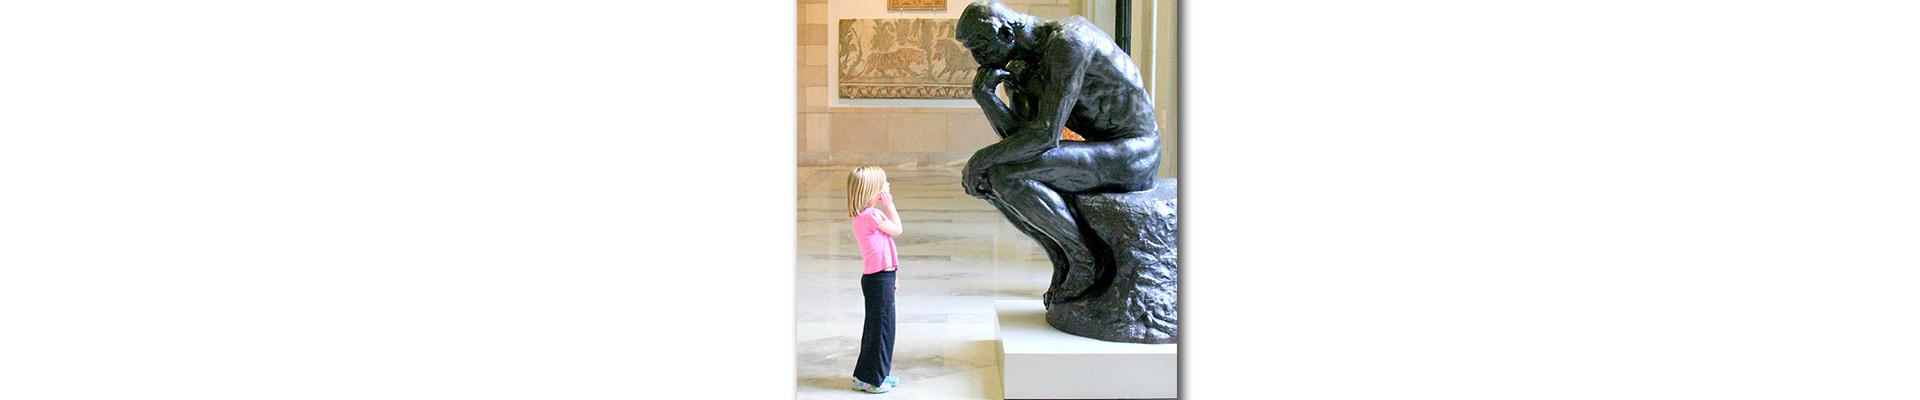 thinking-DeepEng-